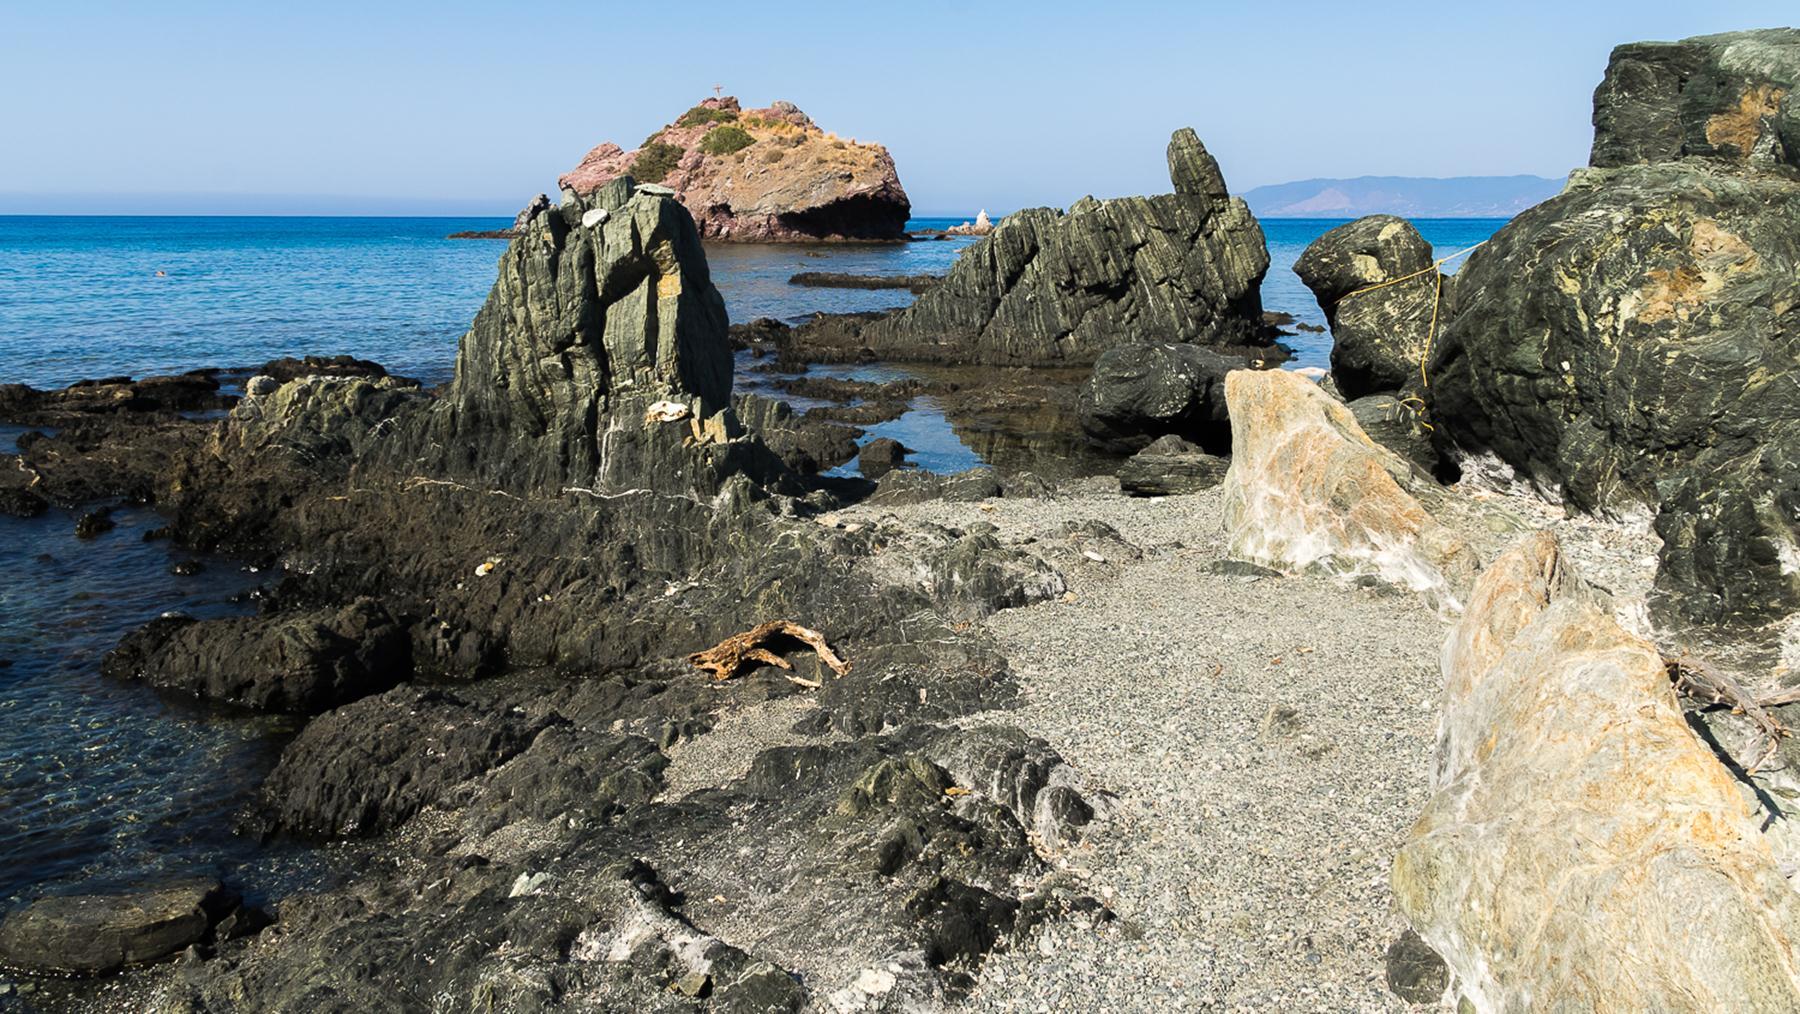 Каменный берег Акамаса